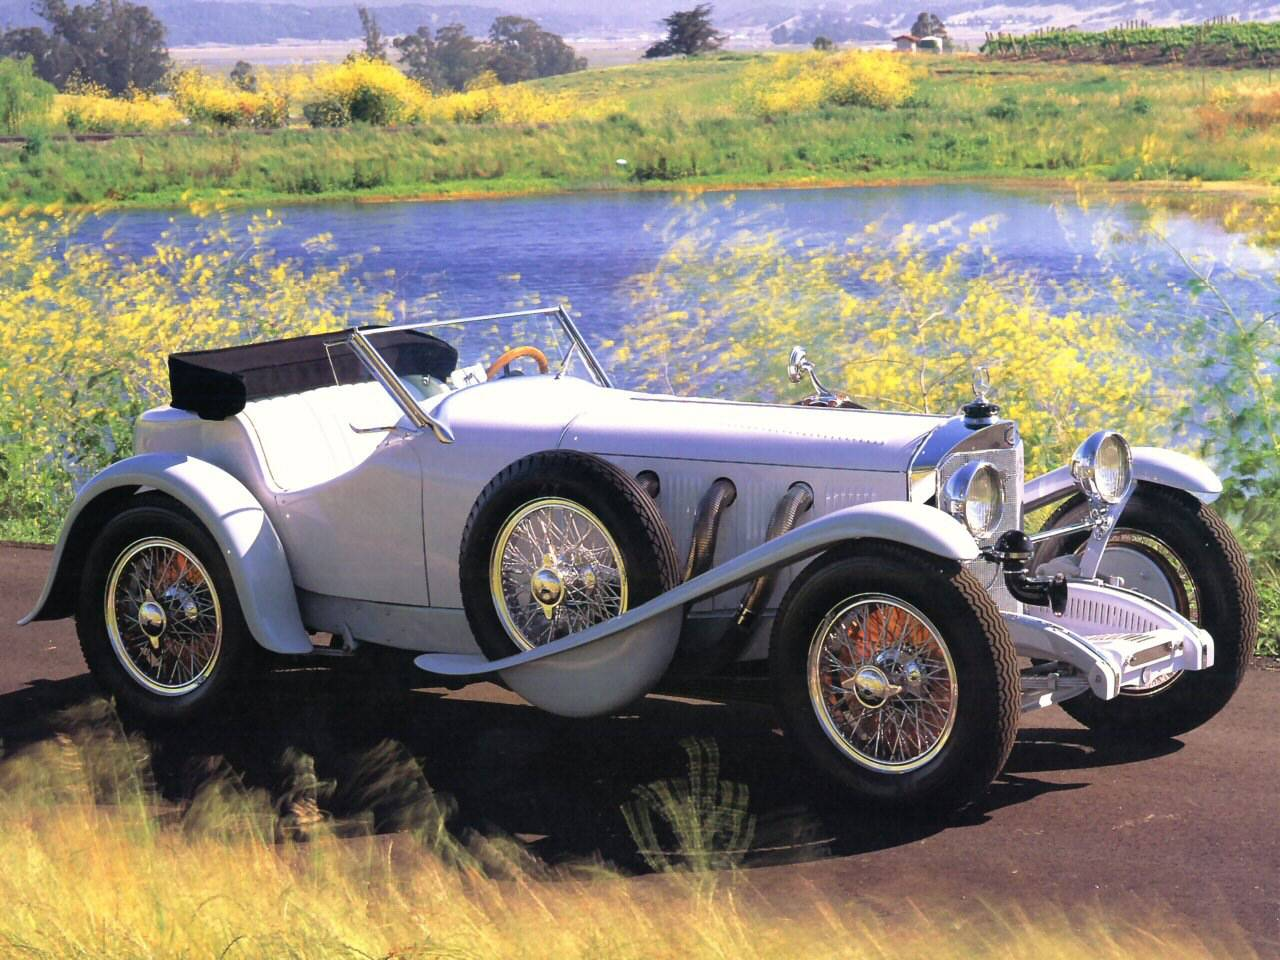 1929 38/250 SSK model